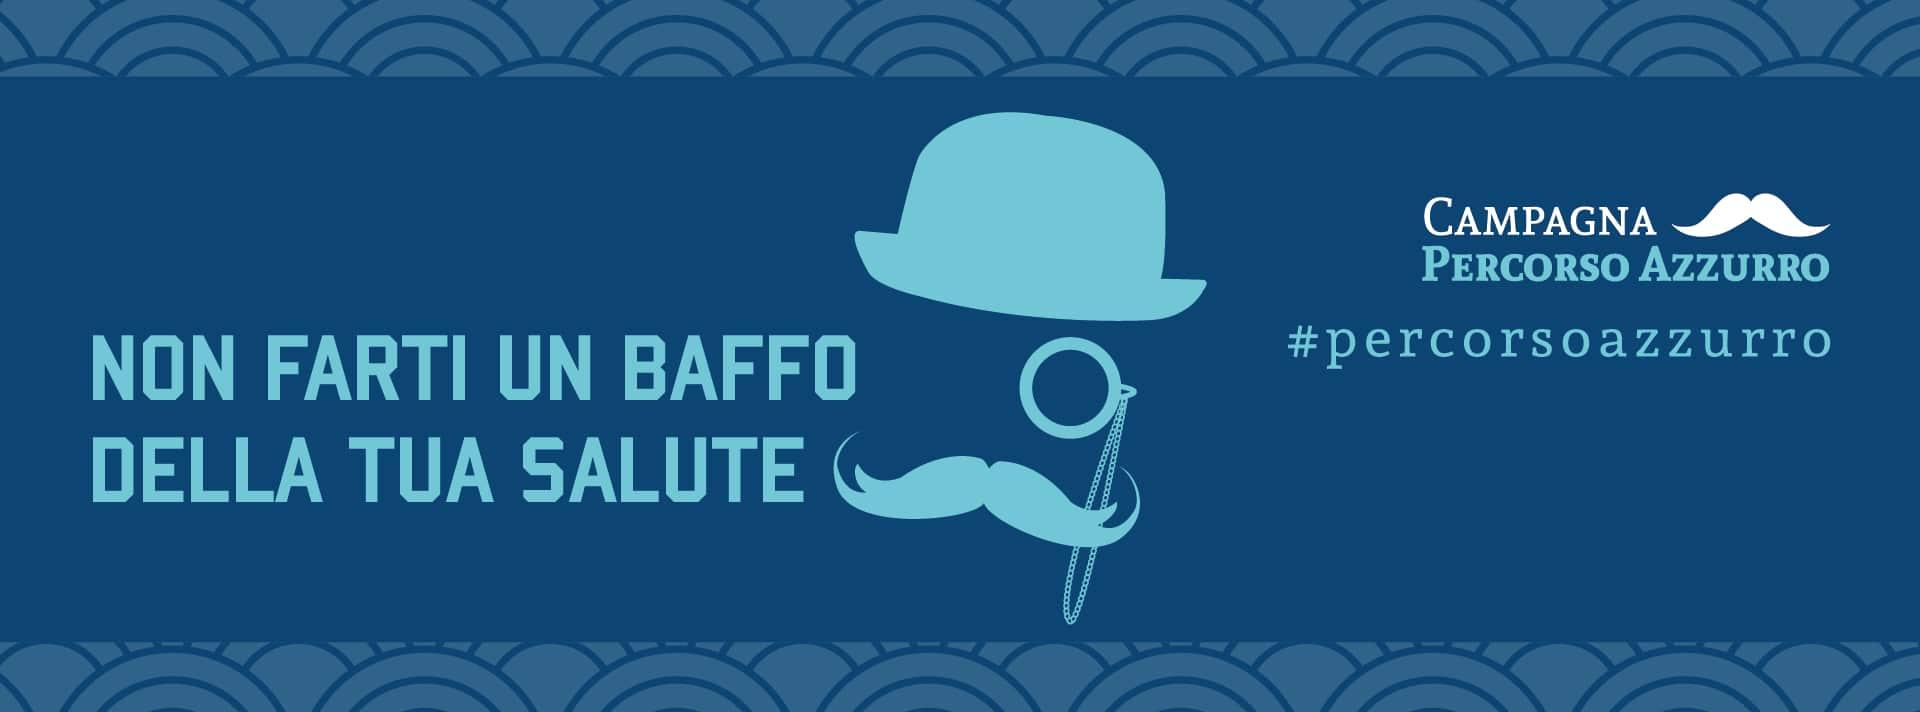 Tumori maschili: Campagna Percorso Azzurro 2019 - LILT Biella